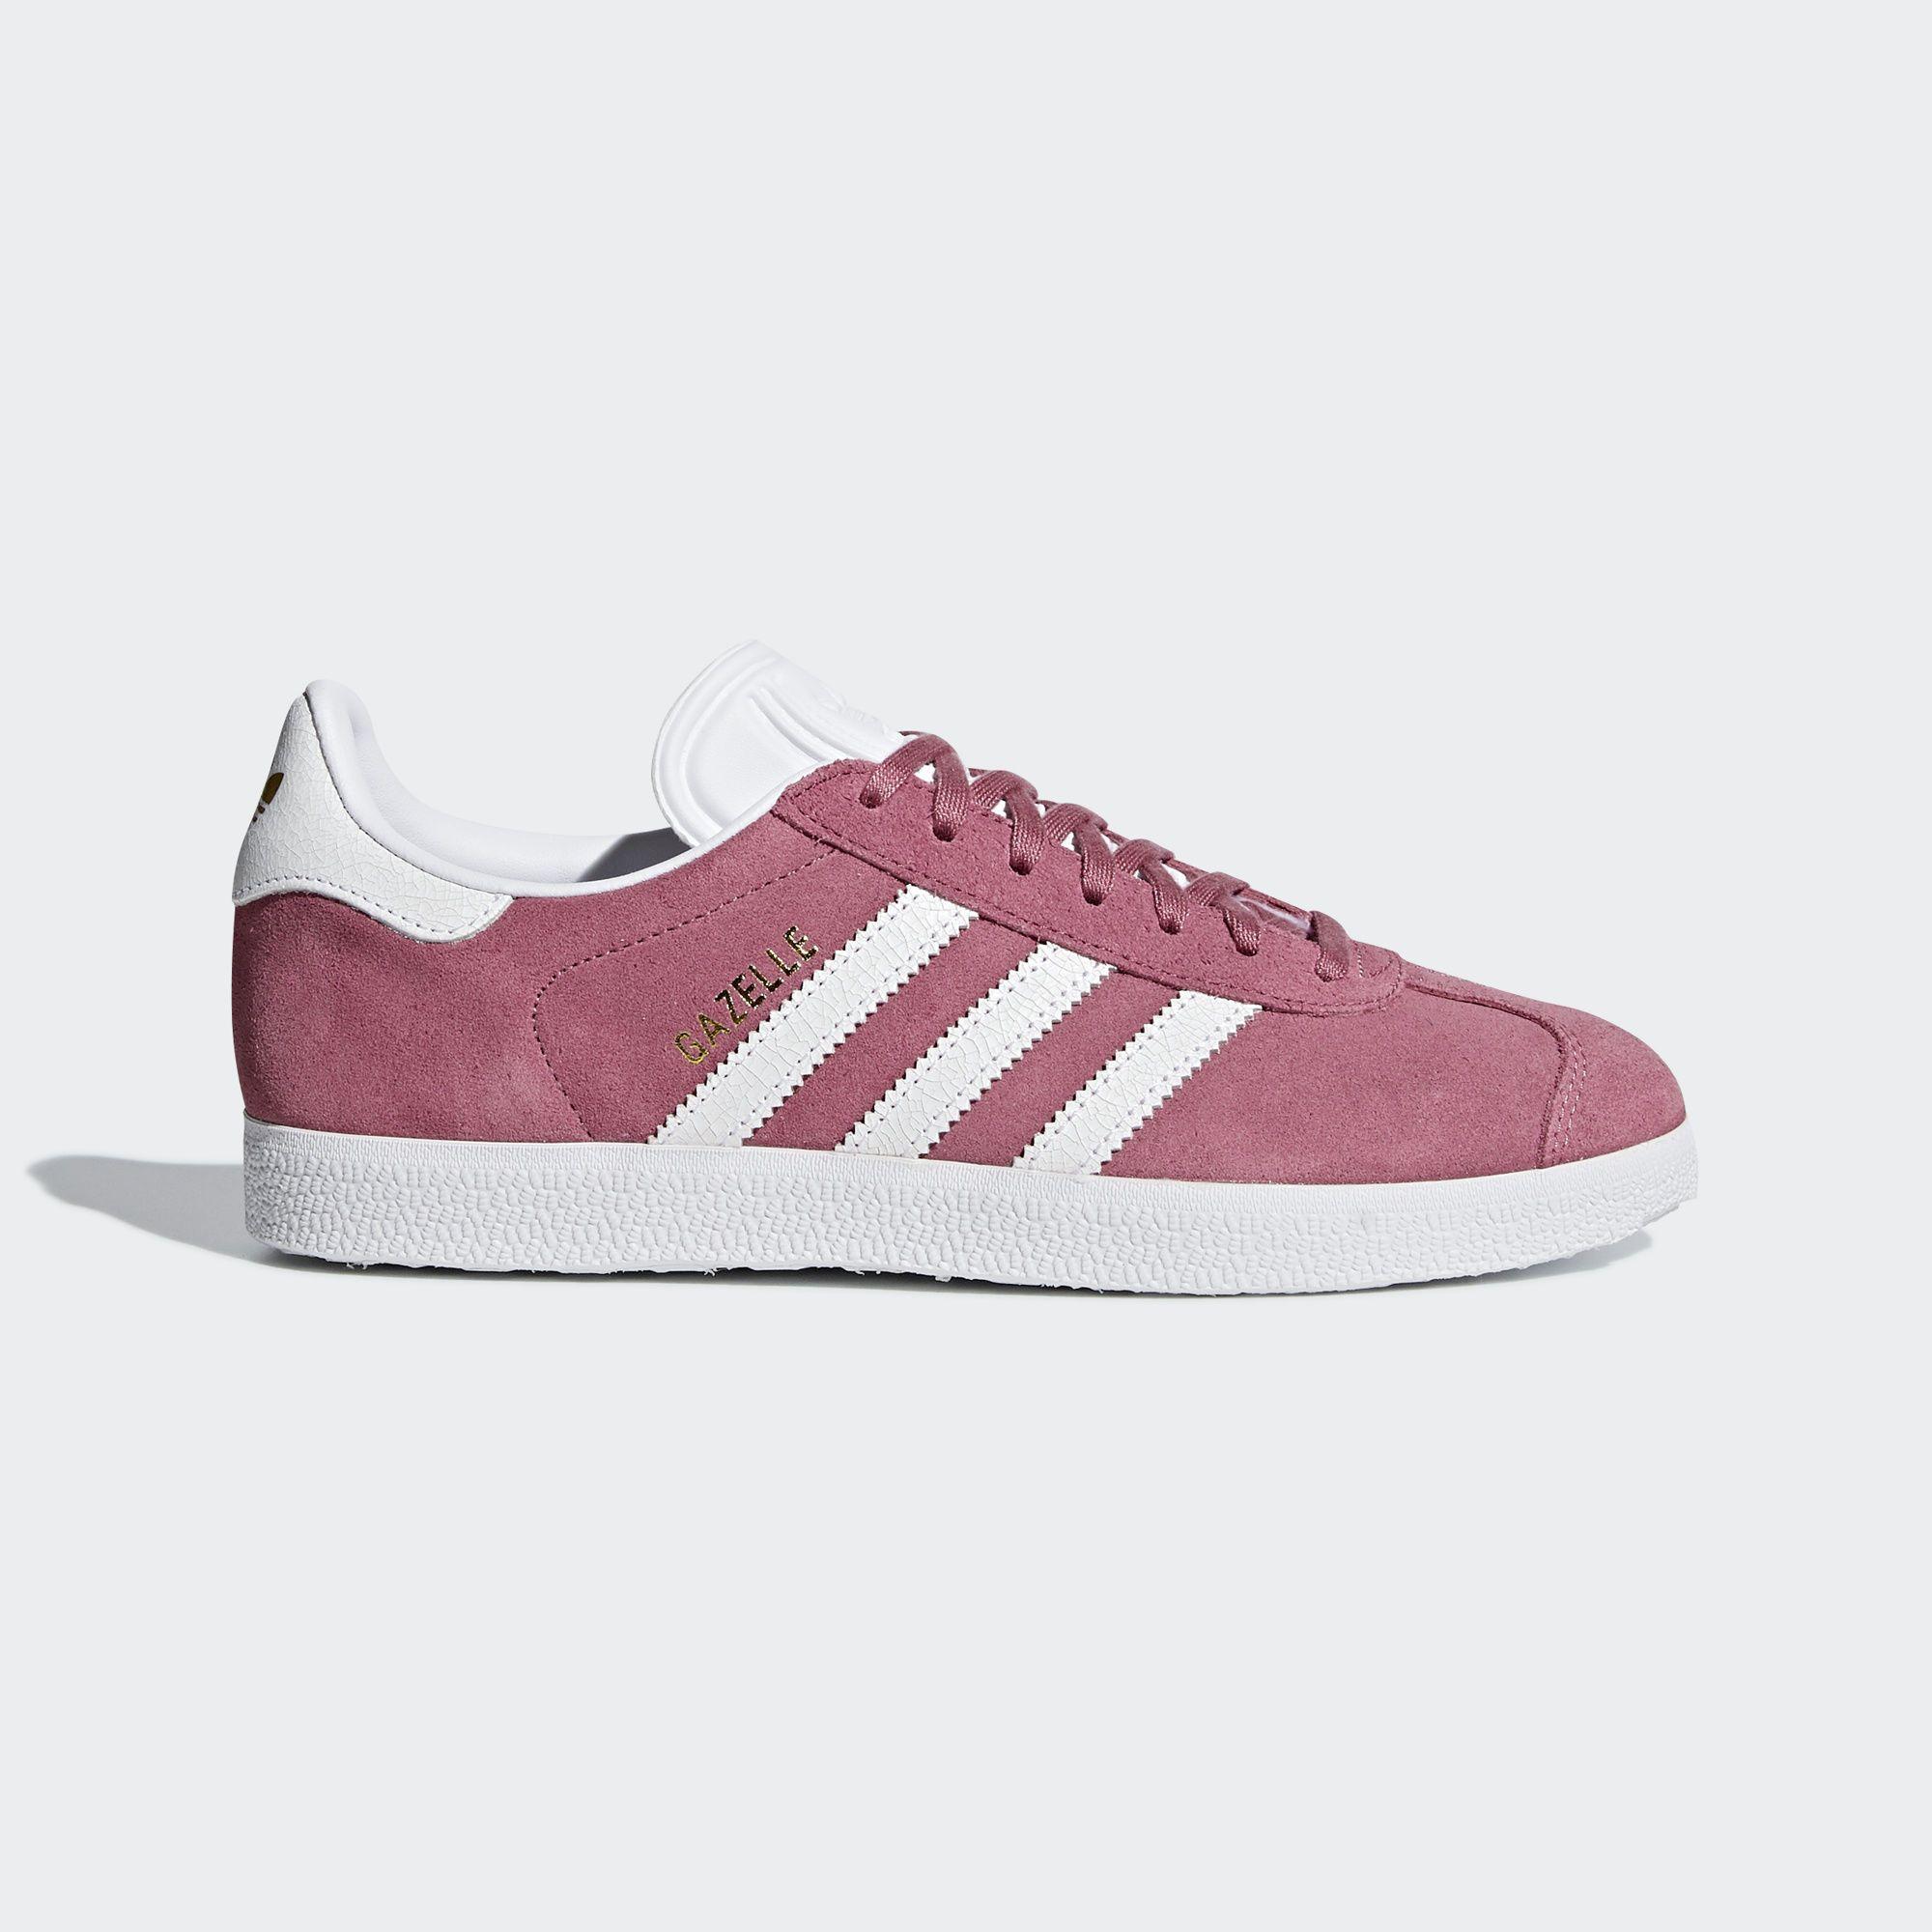 e7abef544fa Handla för Gazelle Shoes - Rosa på adidas online Sverige Se alla färger och  versioner av